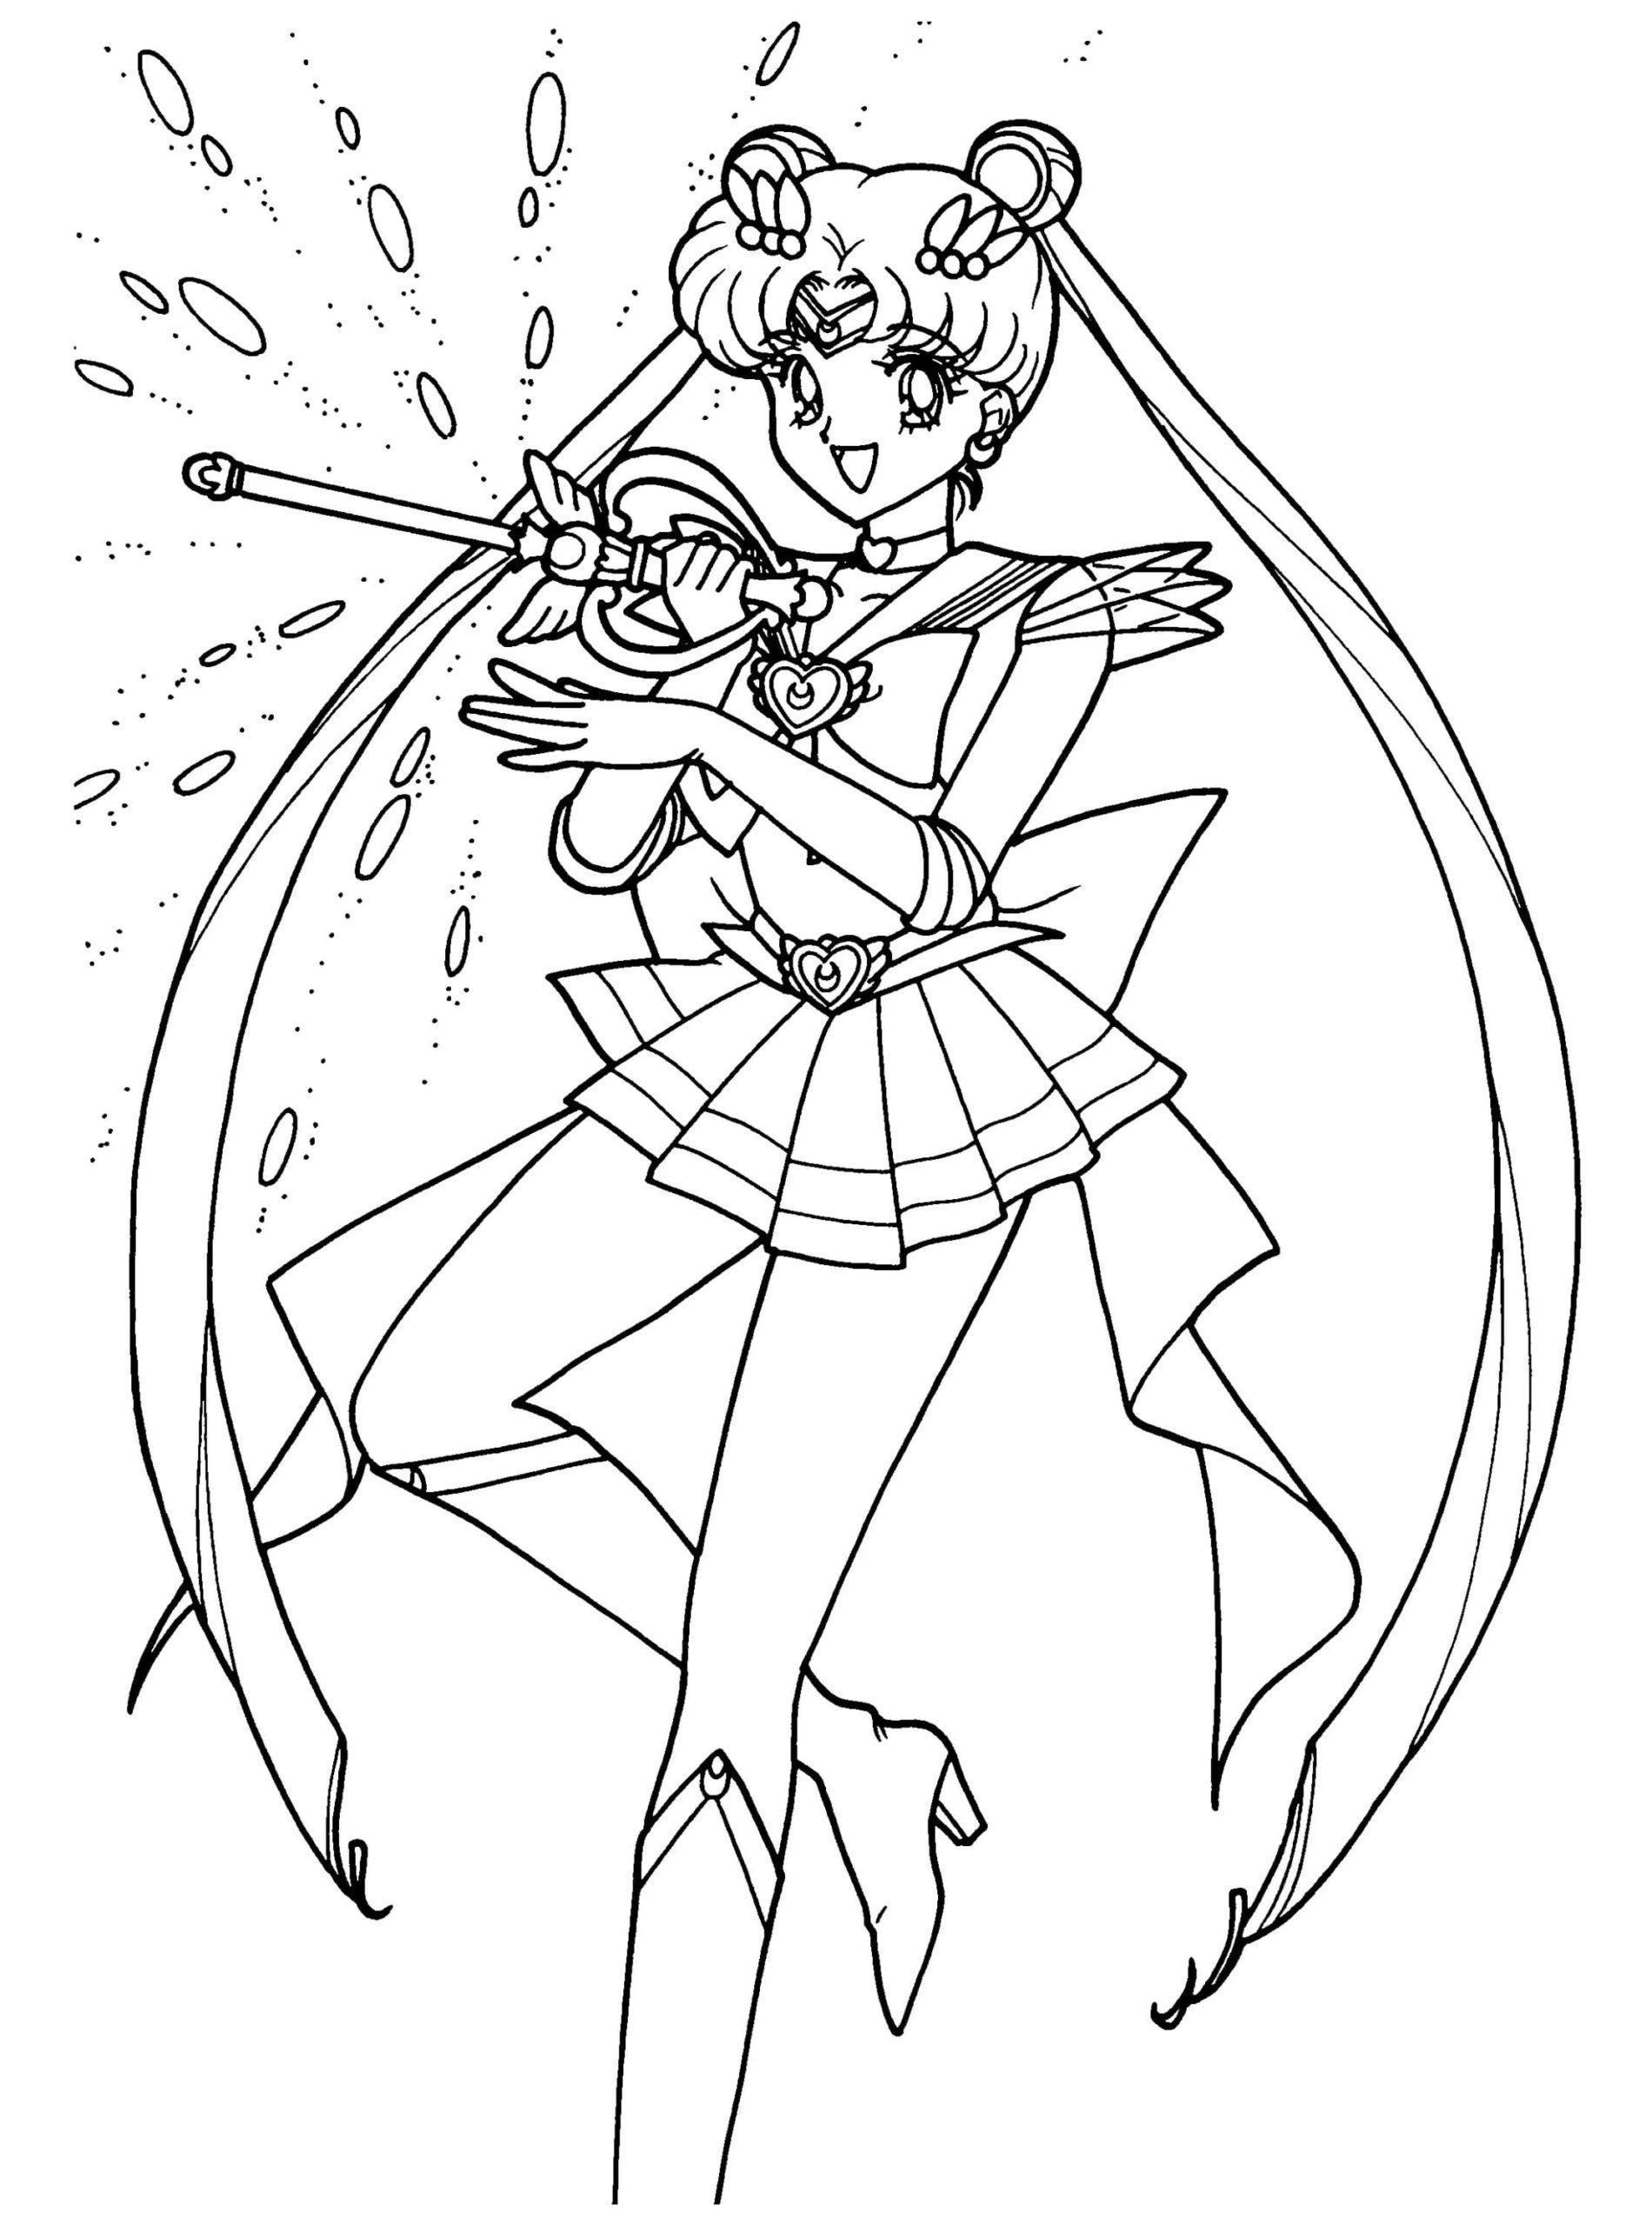 Disegni Di Sailor Moon Da Colorare 100 Immagini Per La Stampa Gratuita